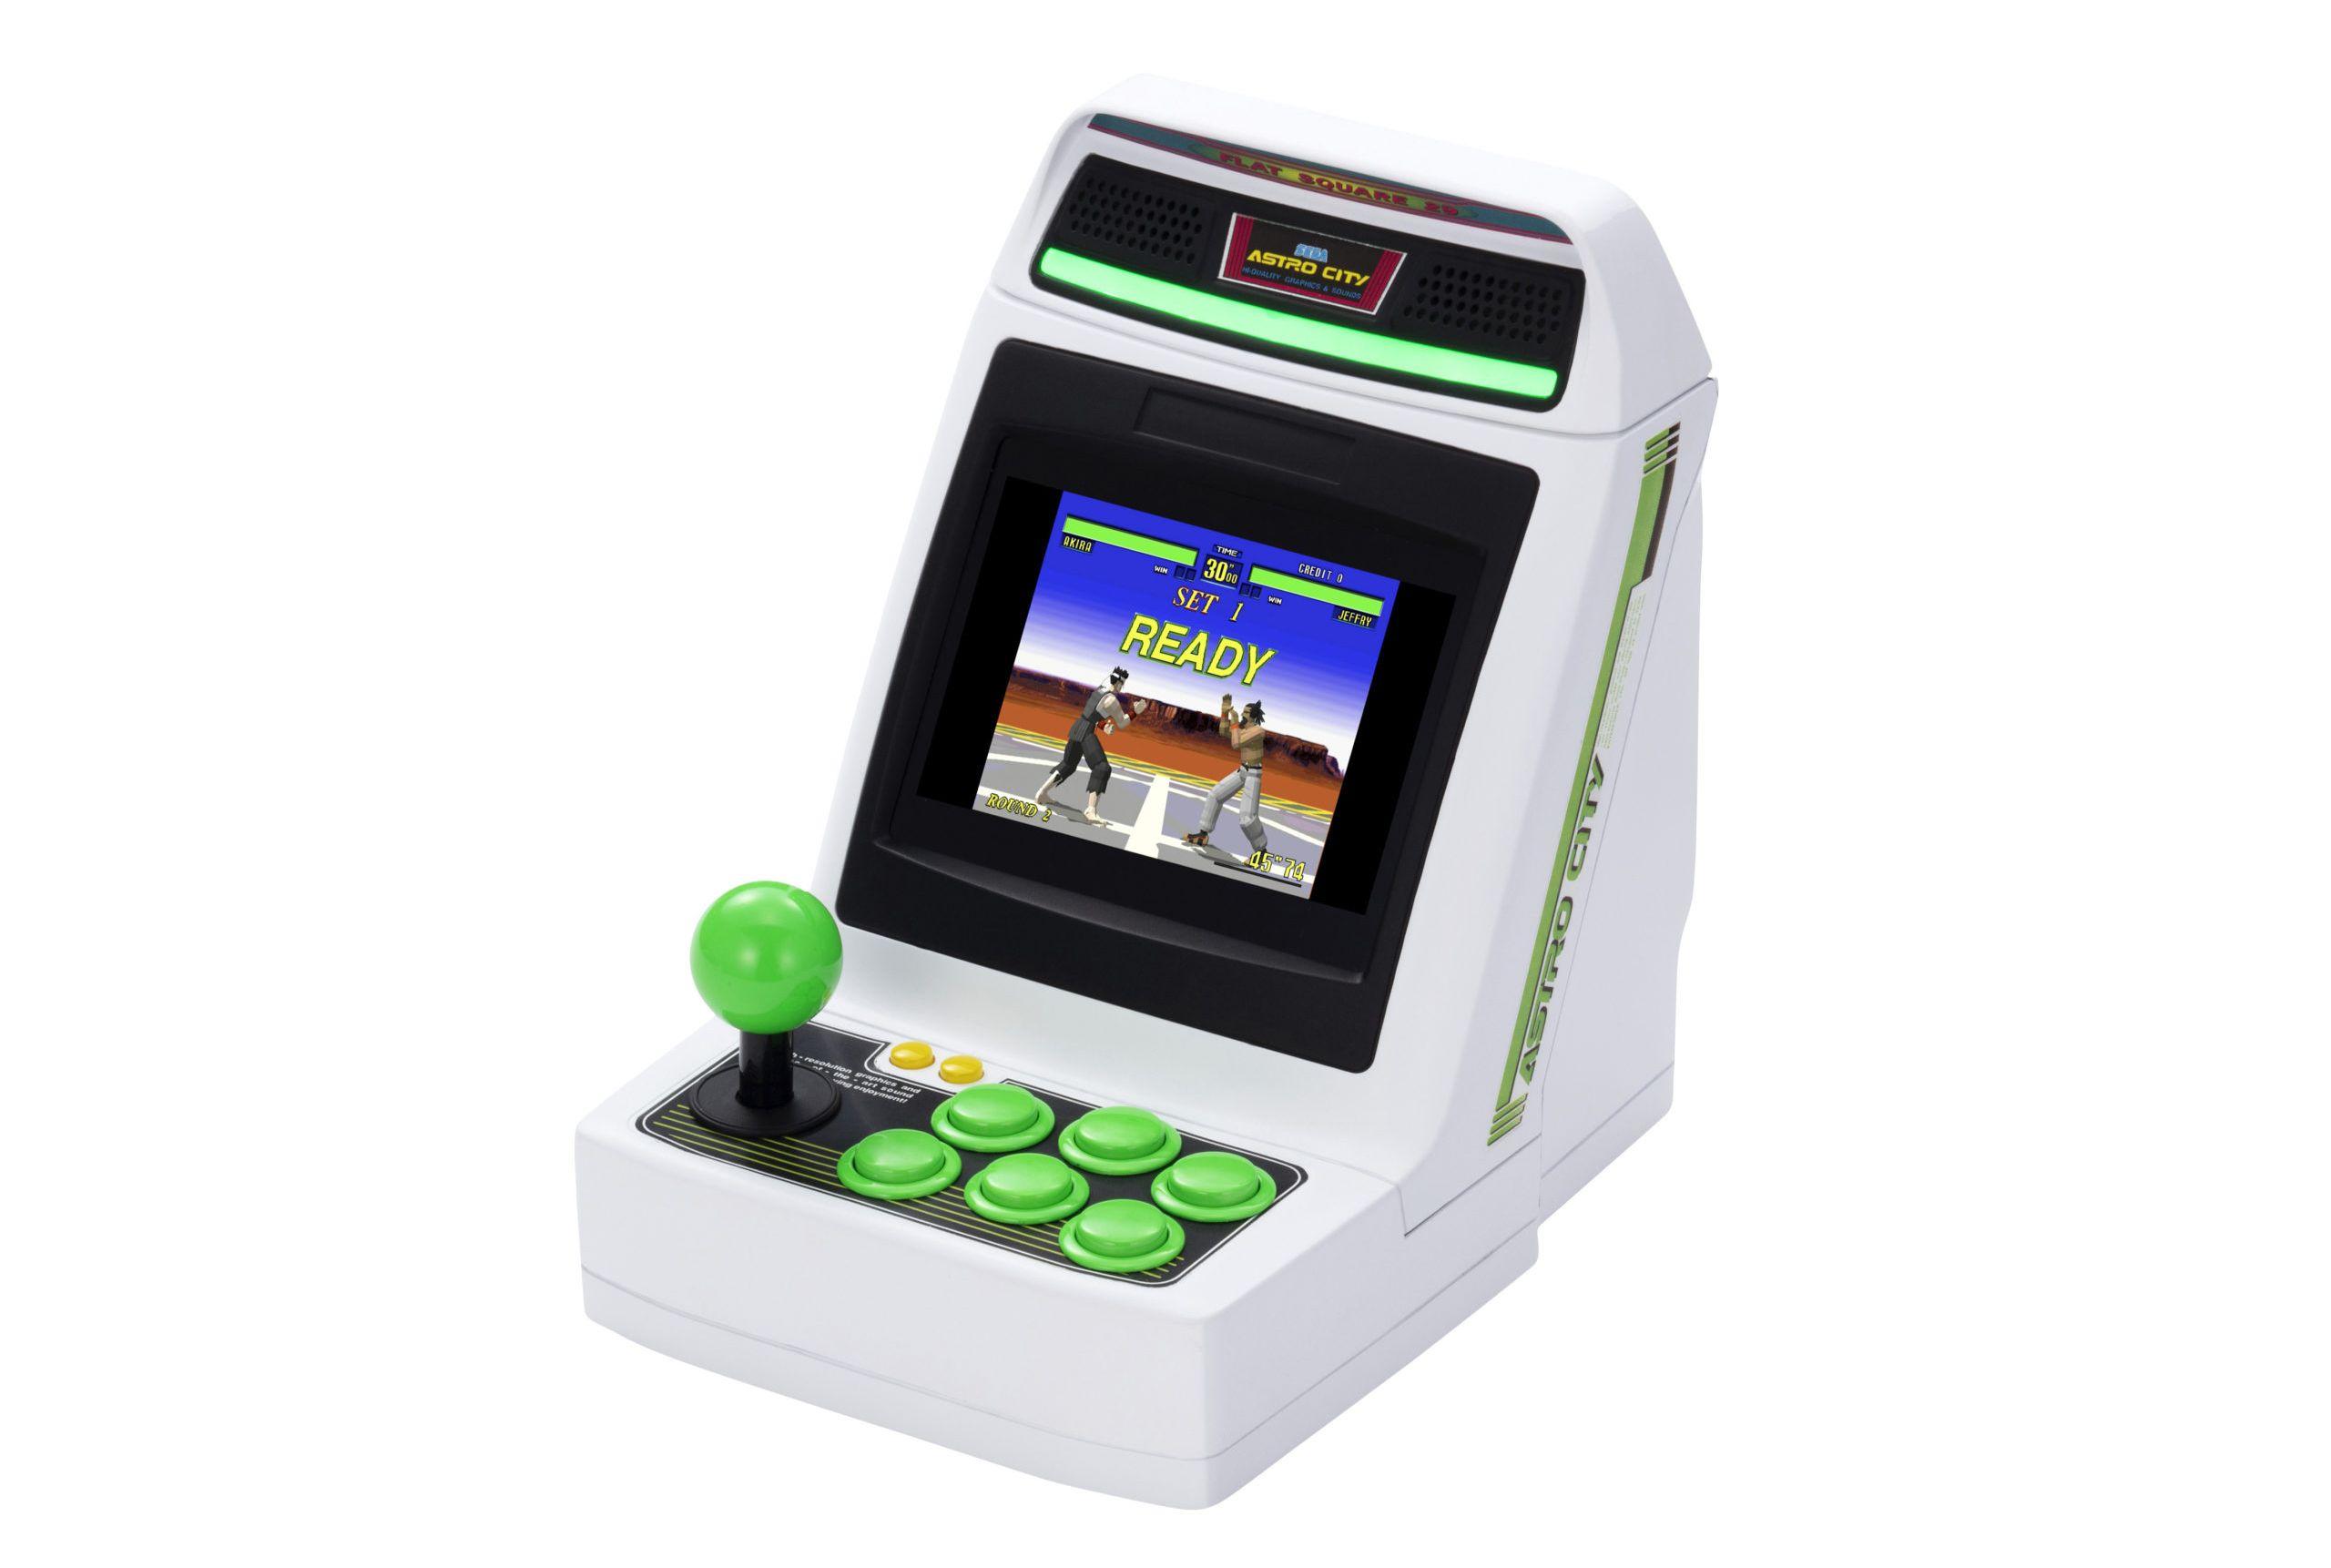 Astro City Mini console